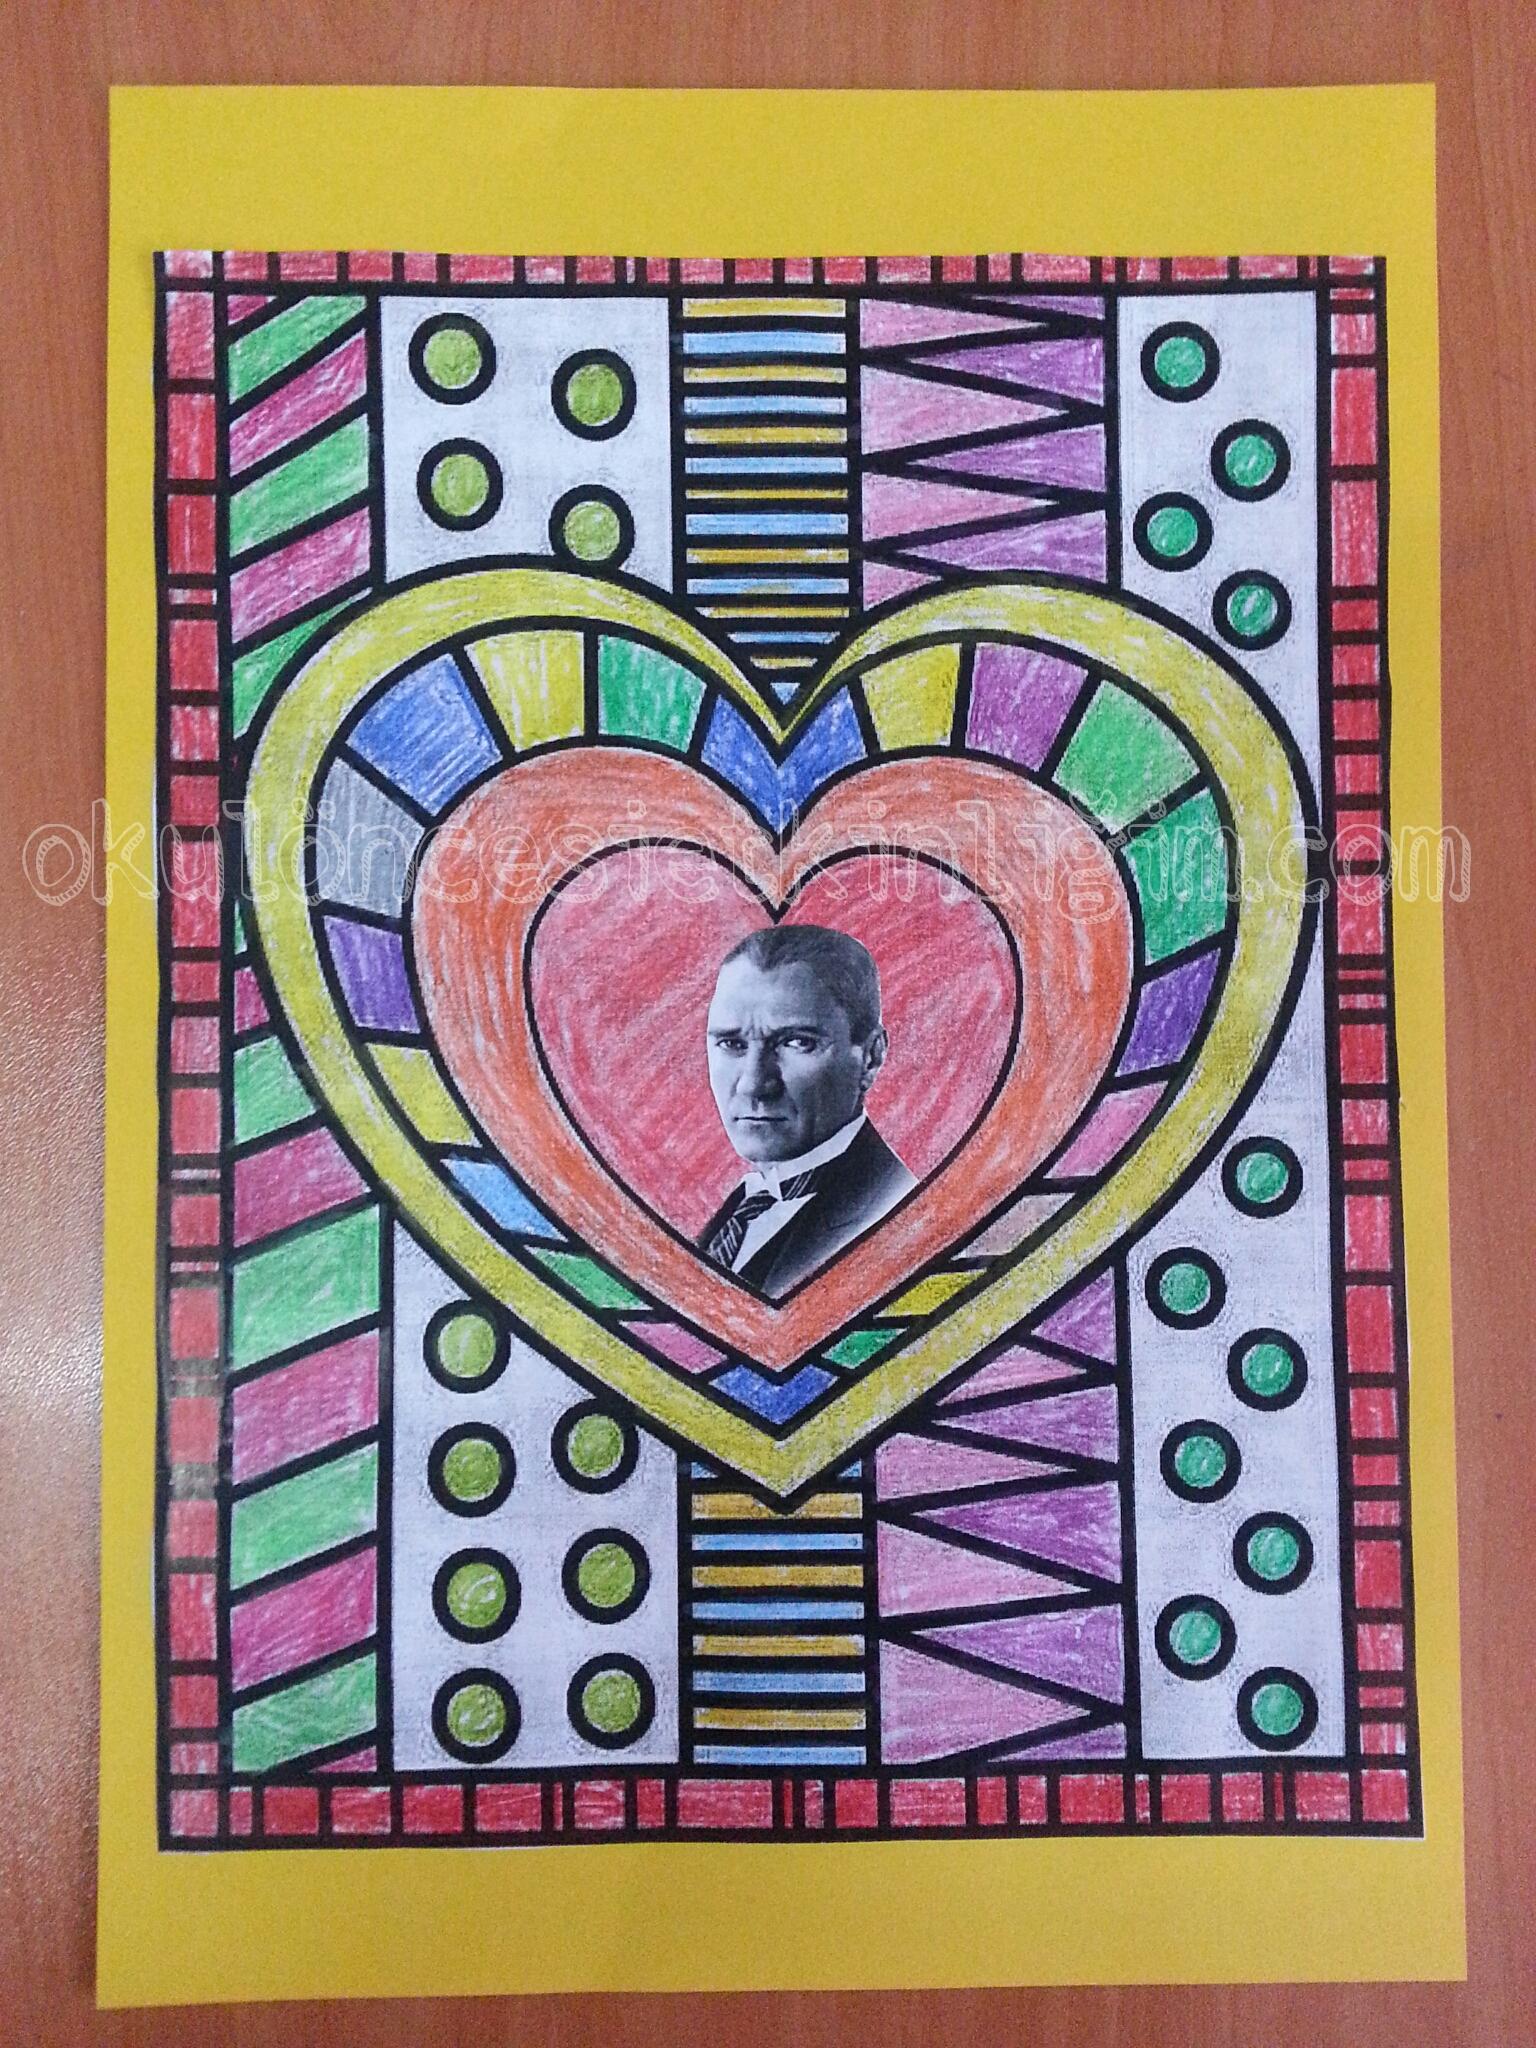 Okuloncesi Ataturk Kosesi Okul Oncesi Etkinlikleri